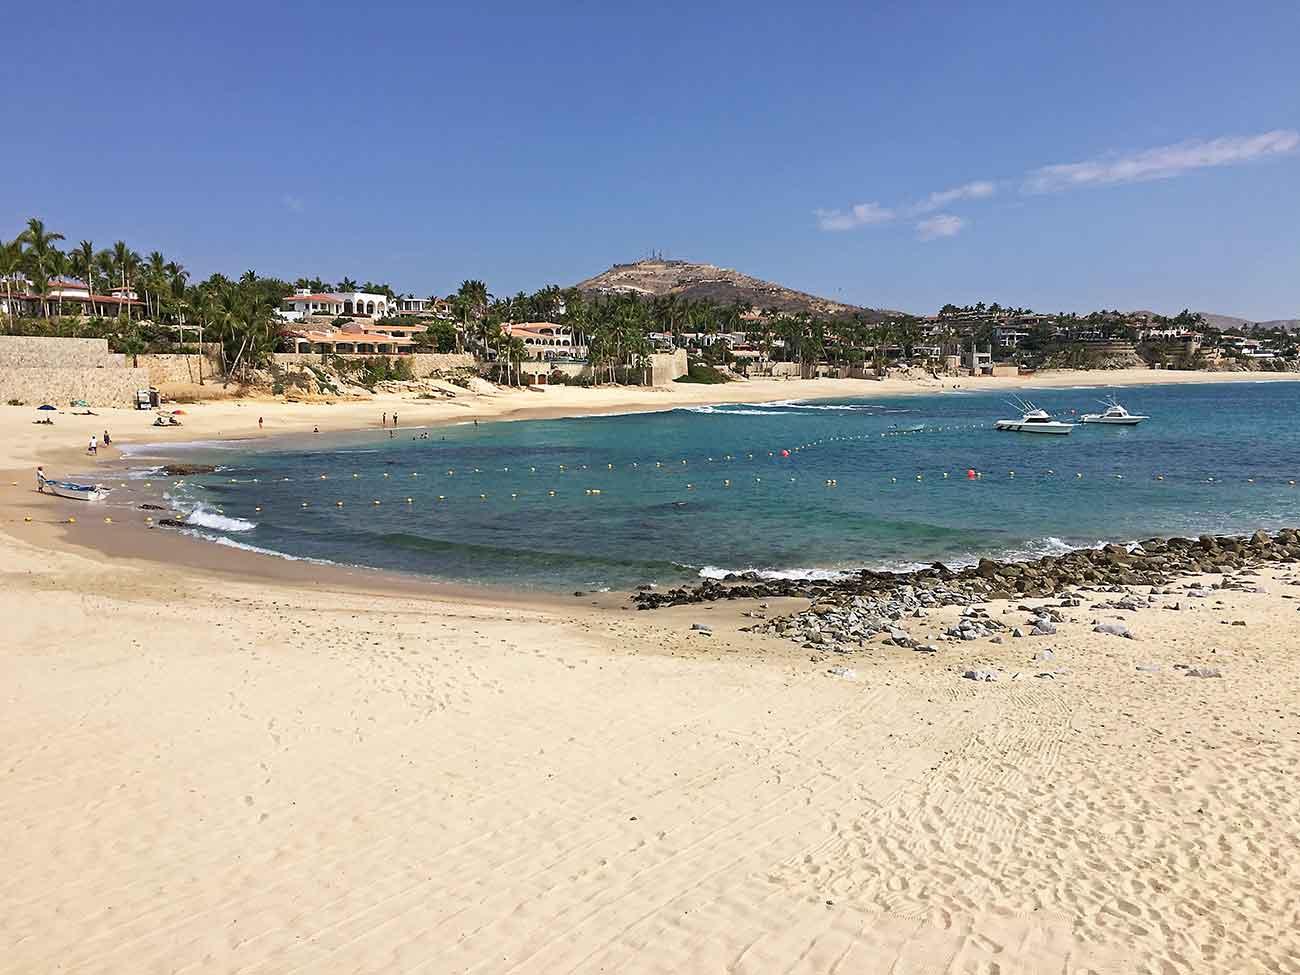 Palmilla Beach Los Cabos 2016